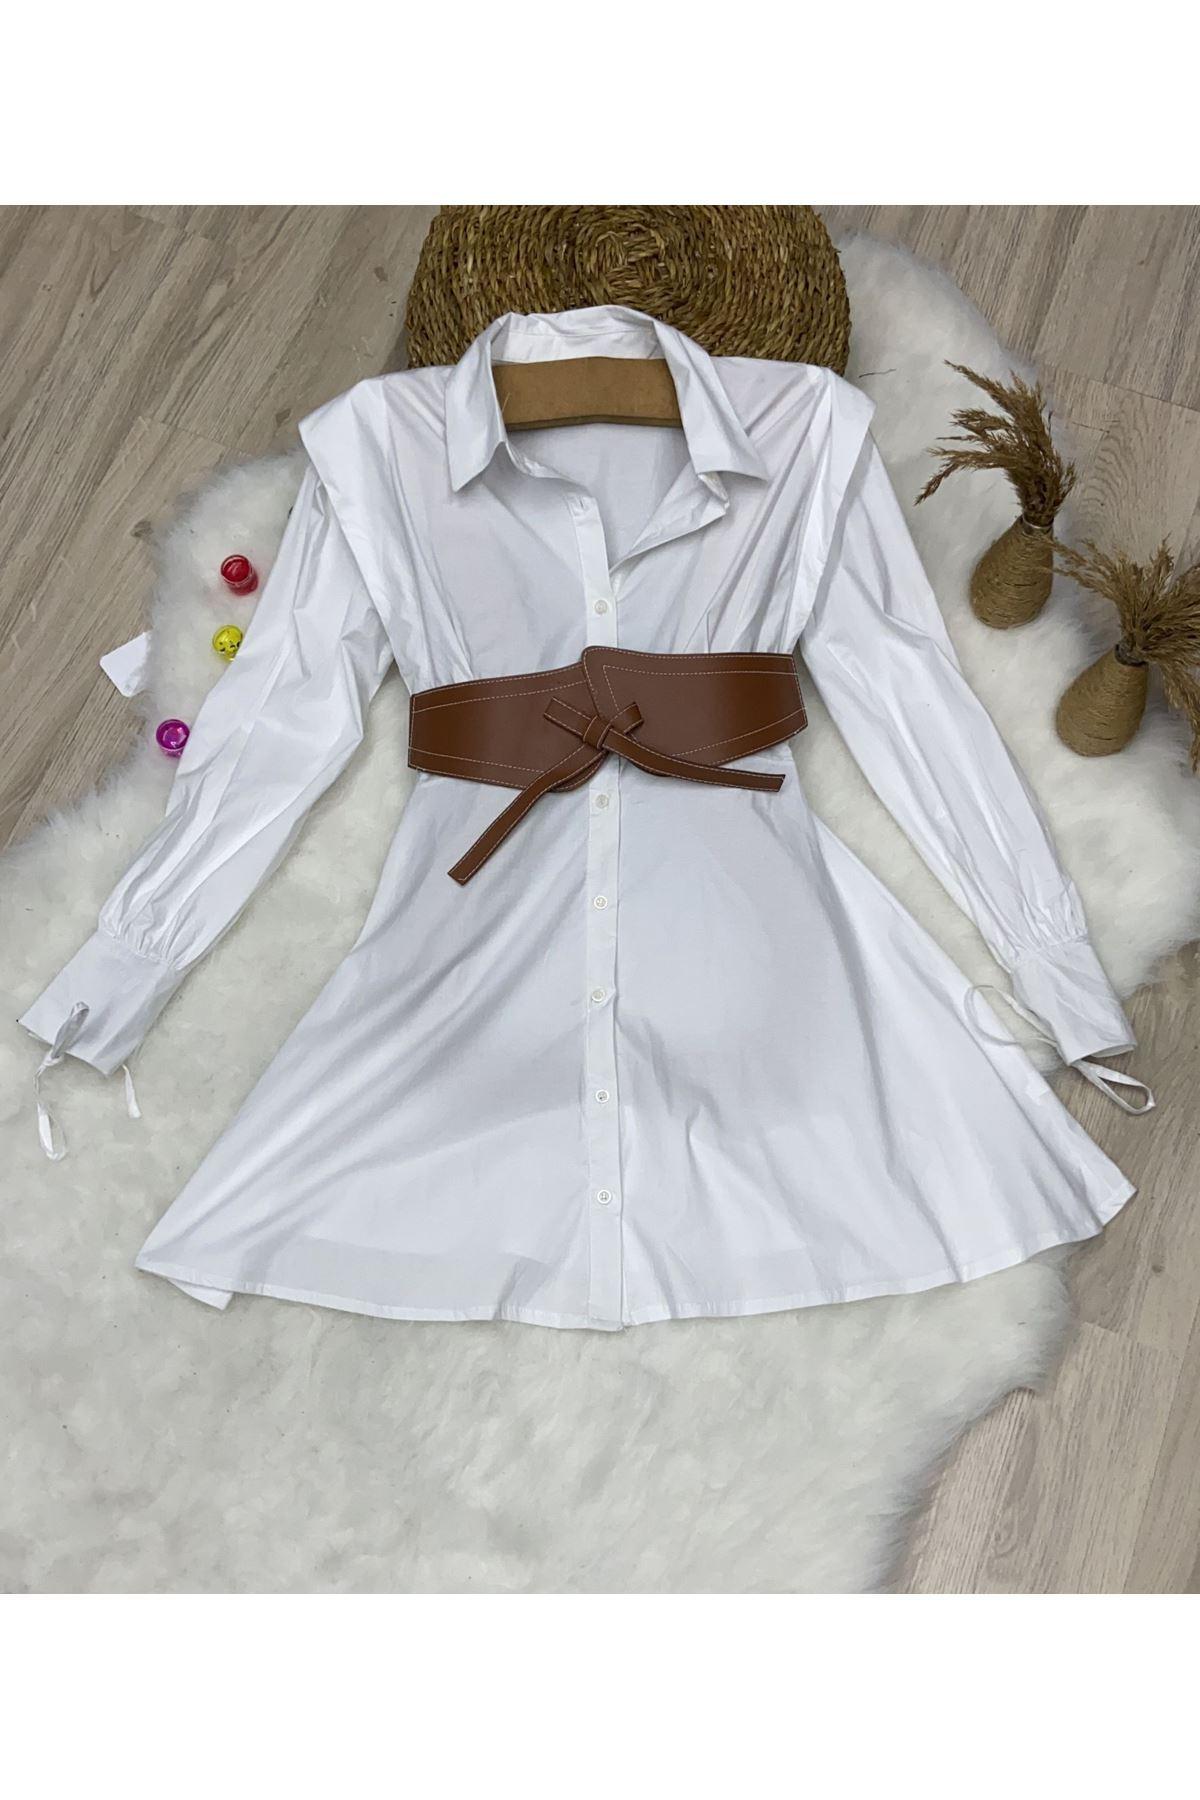 Poplin Kumaş Kemerli Gömlek Elbise - BEYAZ